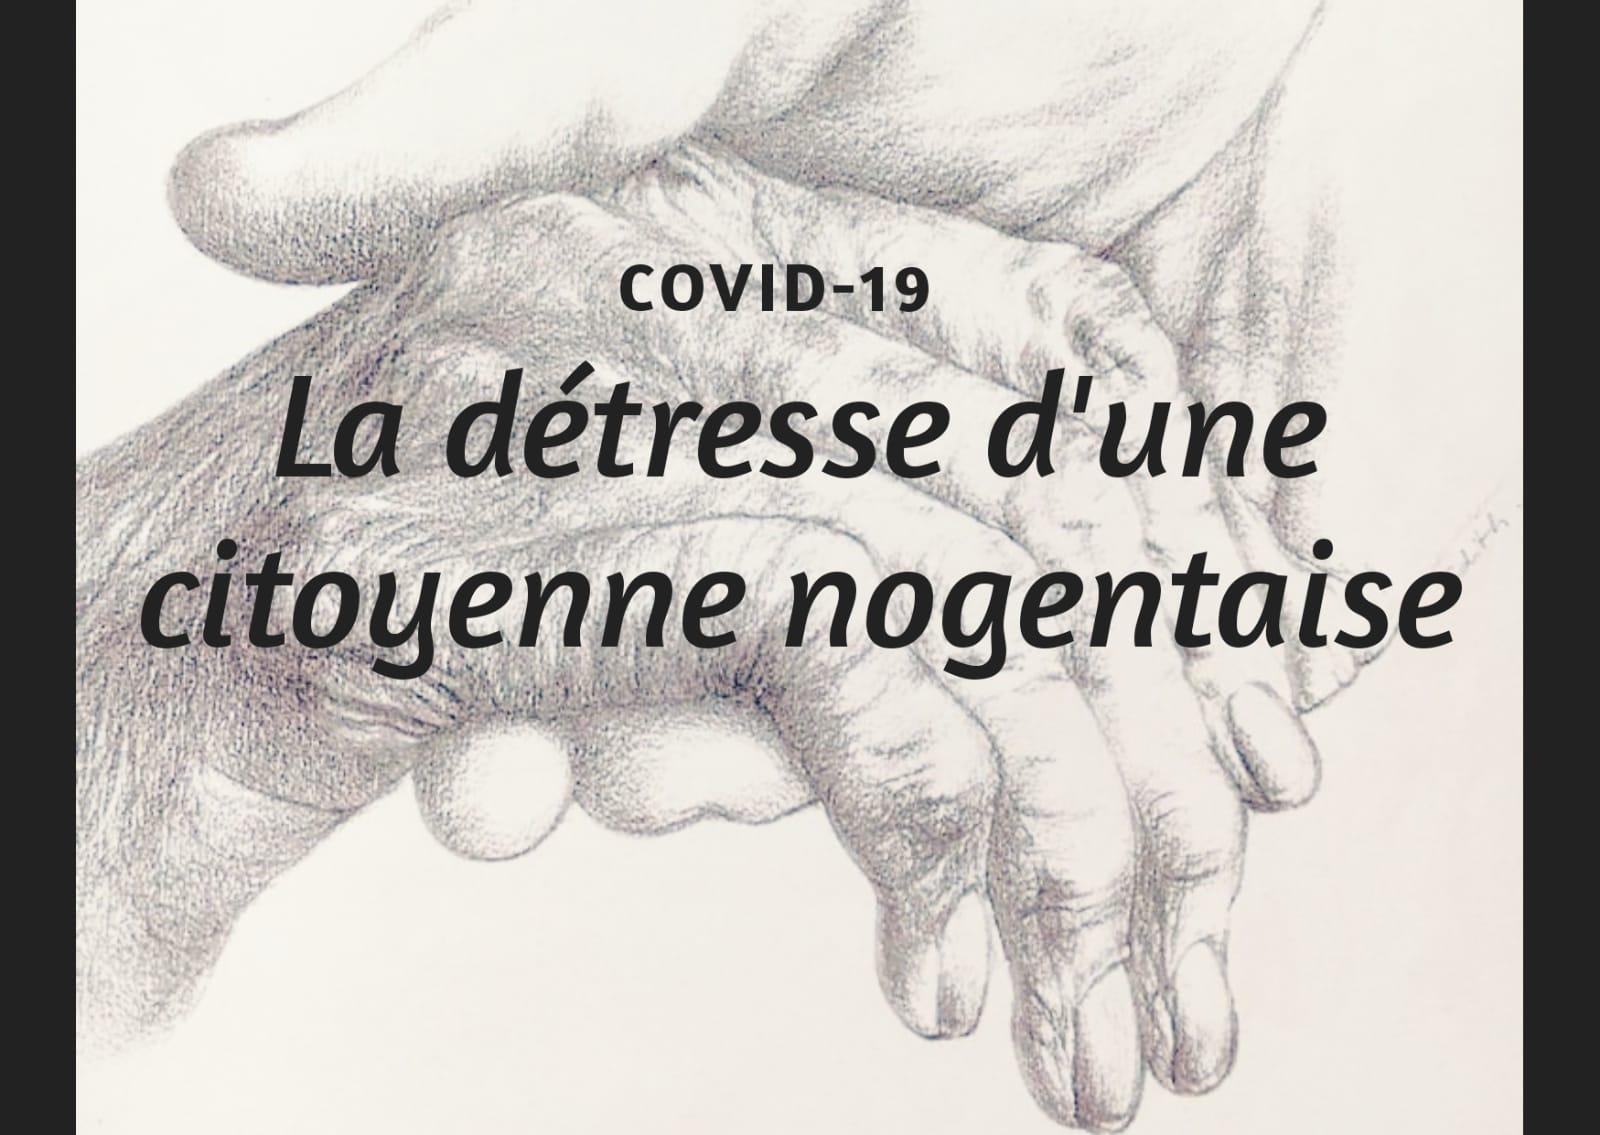 COVID-19 La détresse d'une citoyenne nogentaise